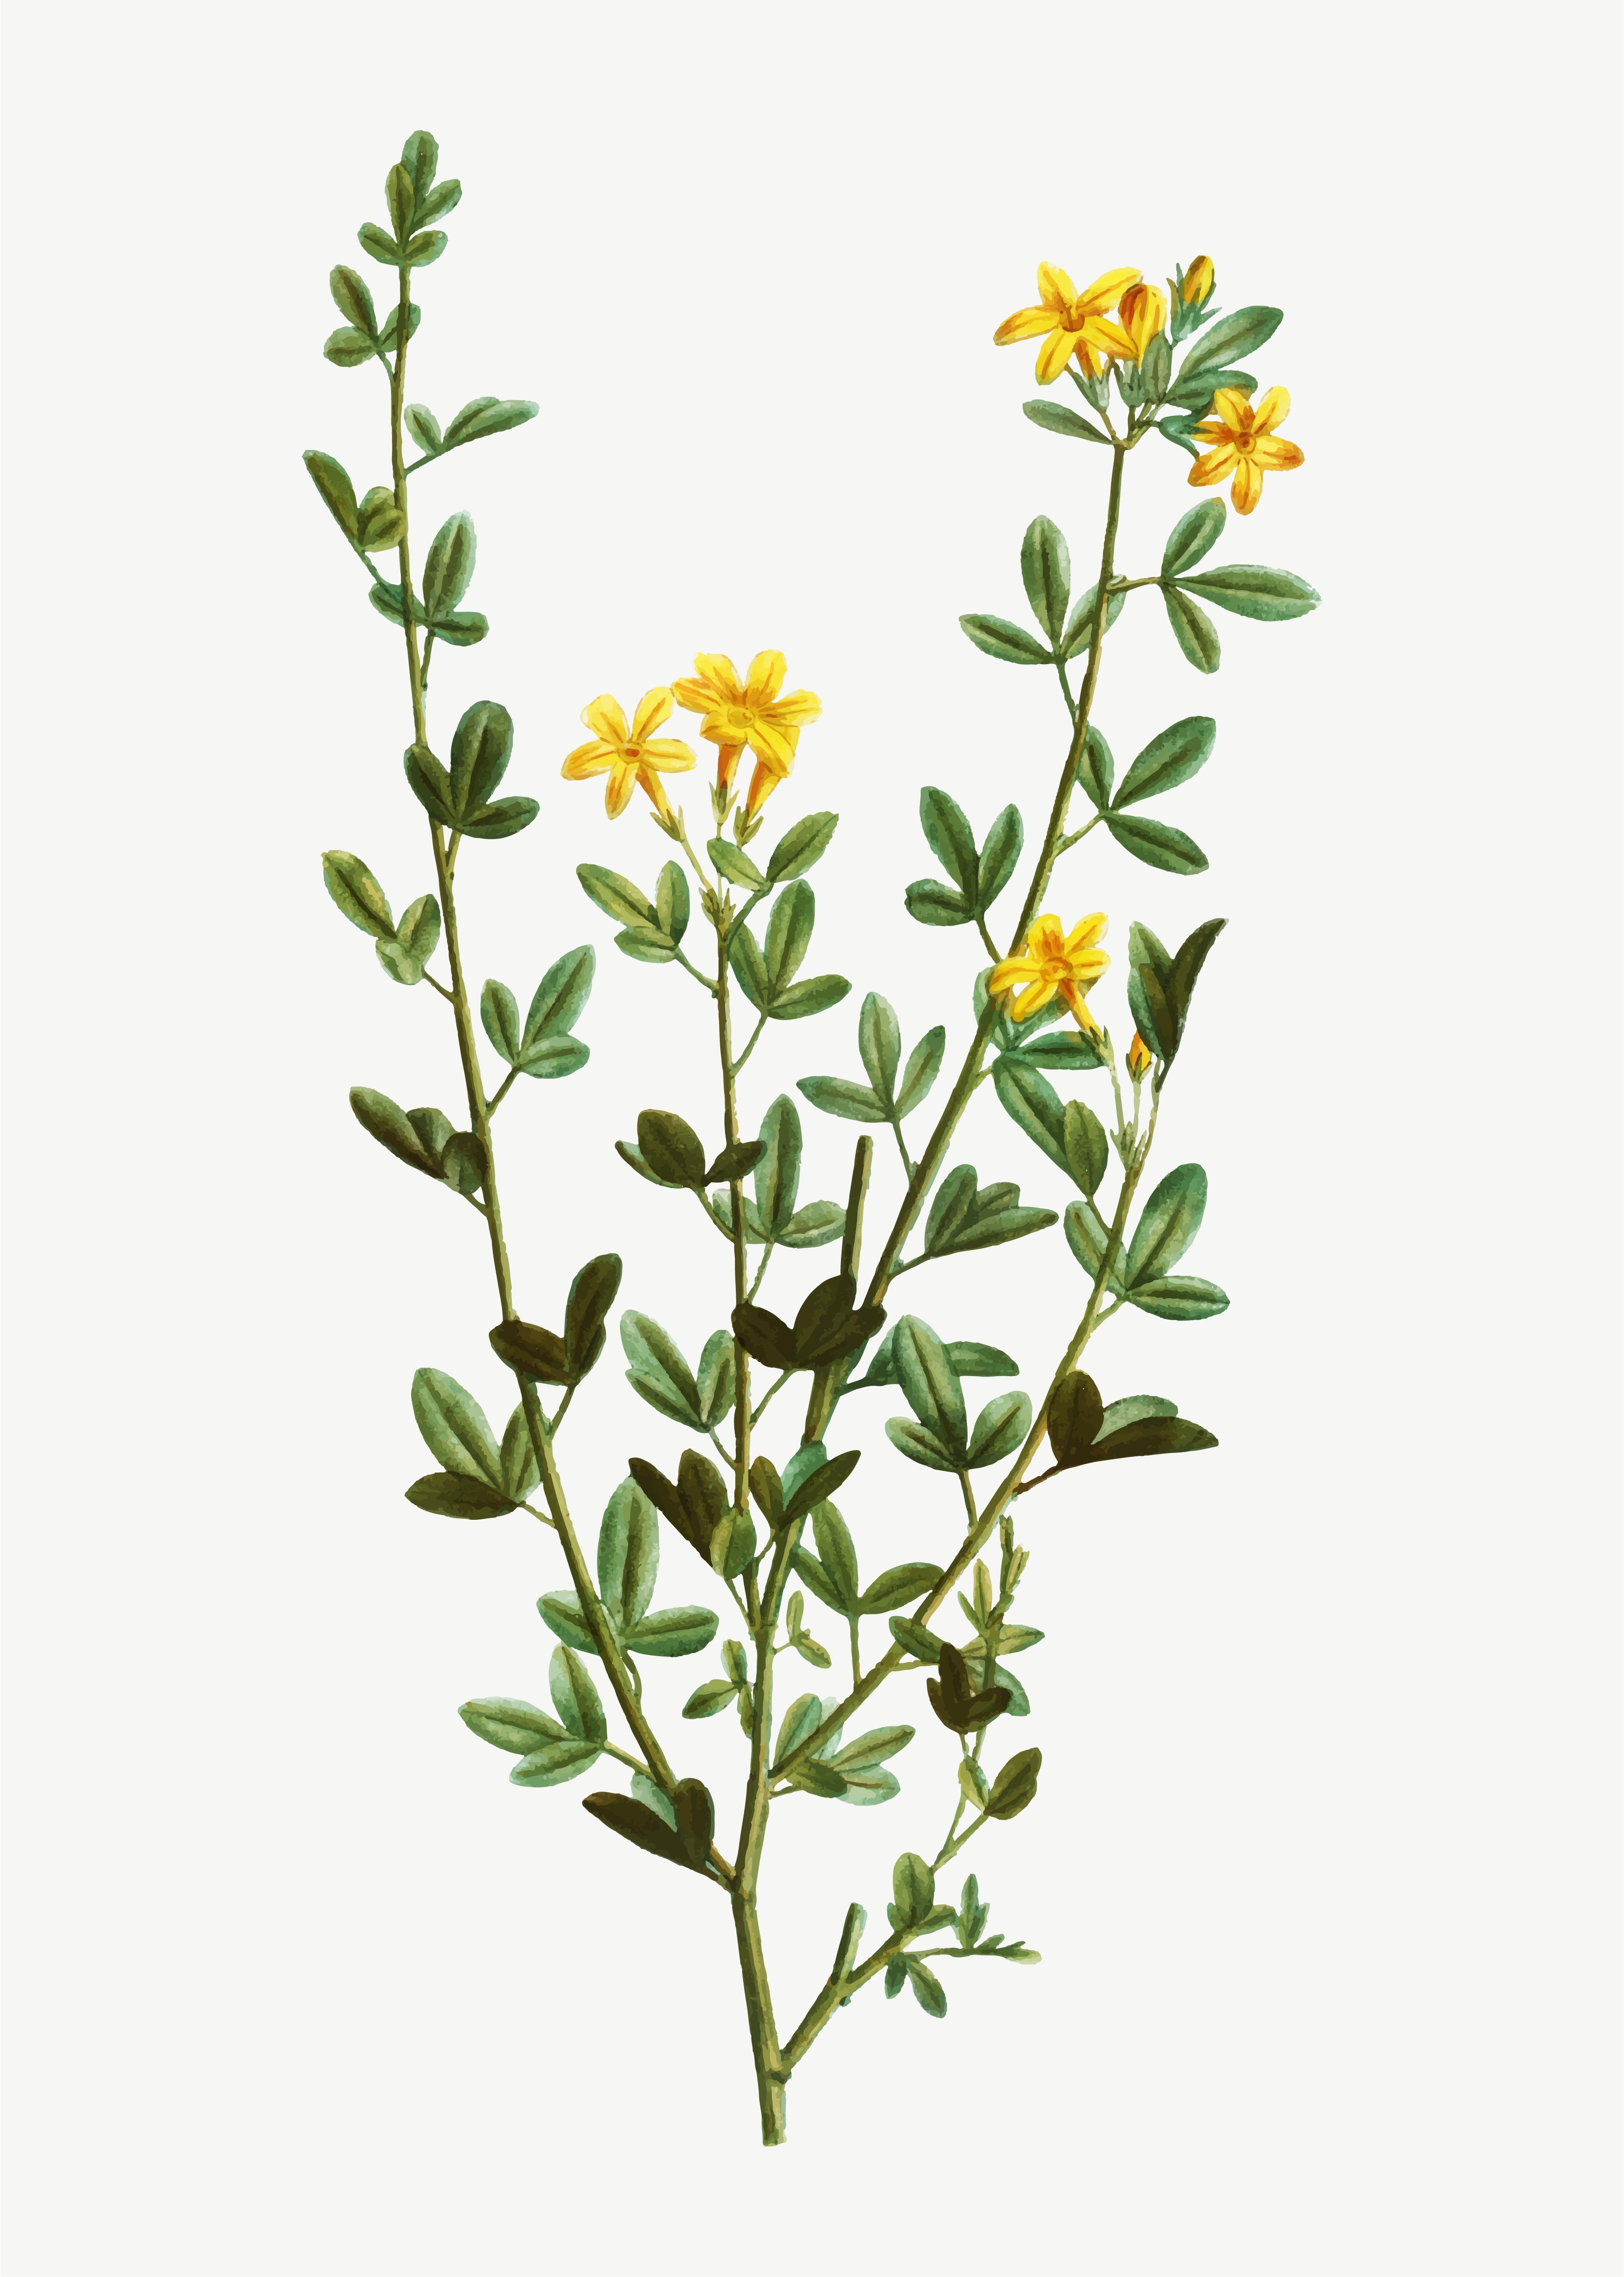 Yellow Jasmine flowers - Download Free Vectors, Clipart ...